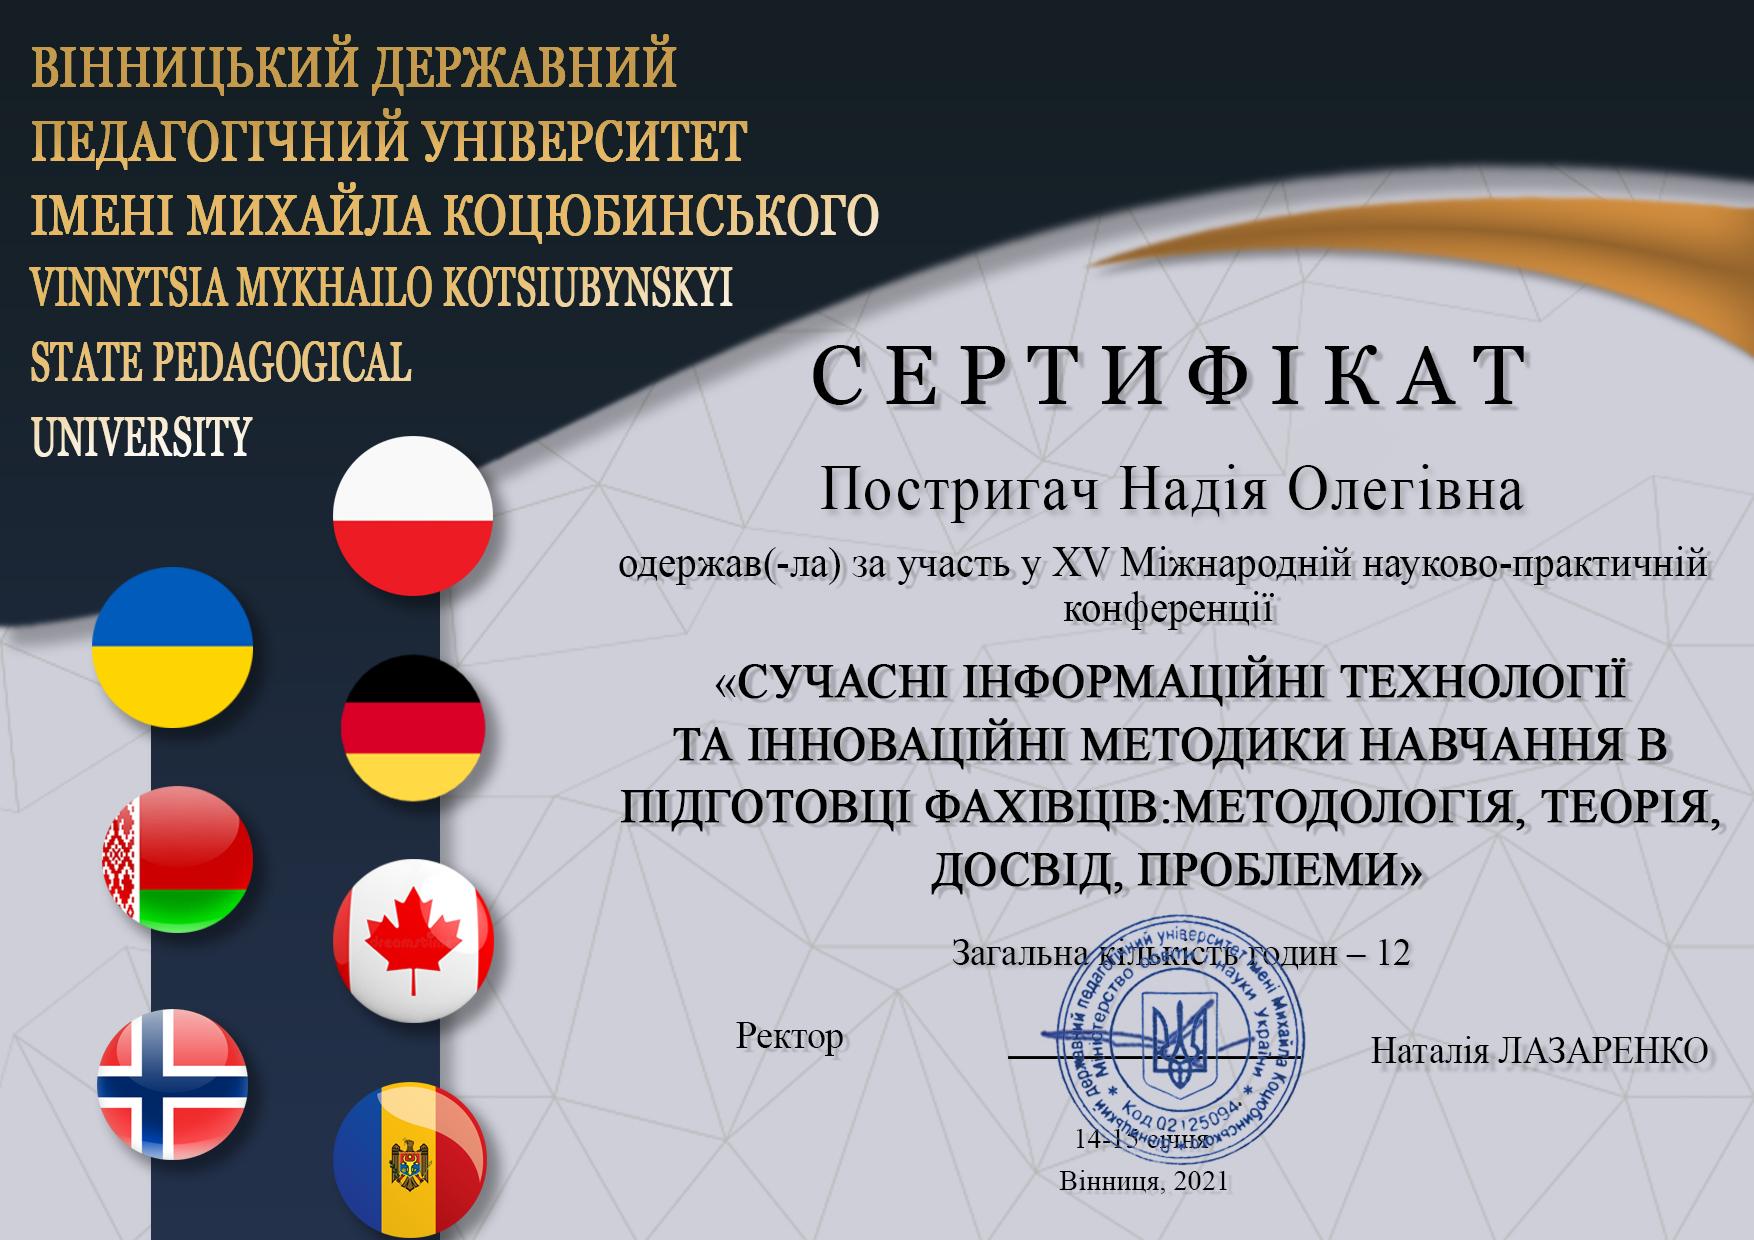 Постригач Надія Олегівна